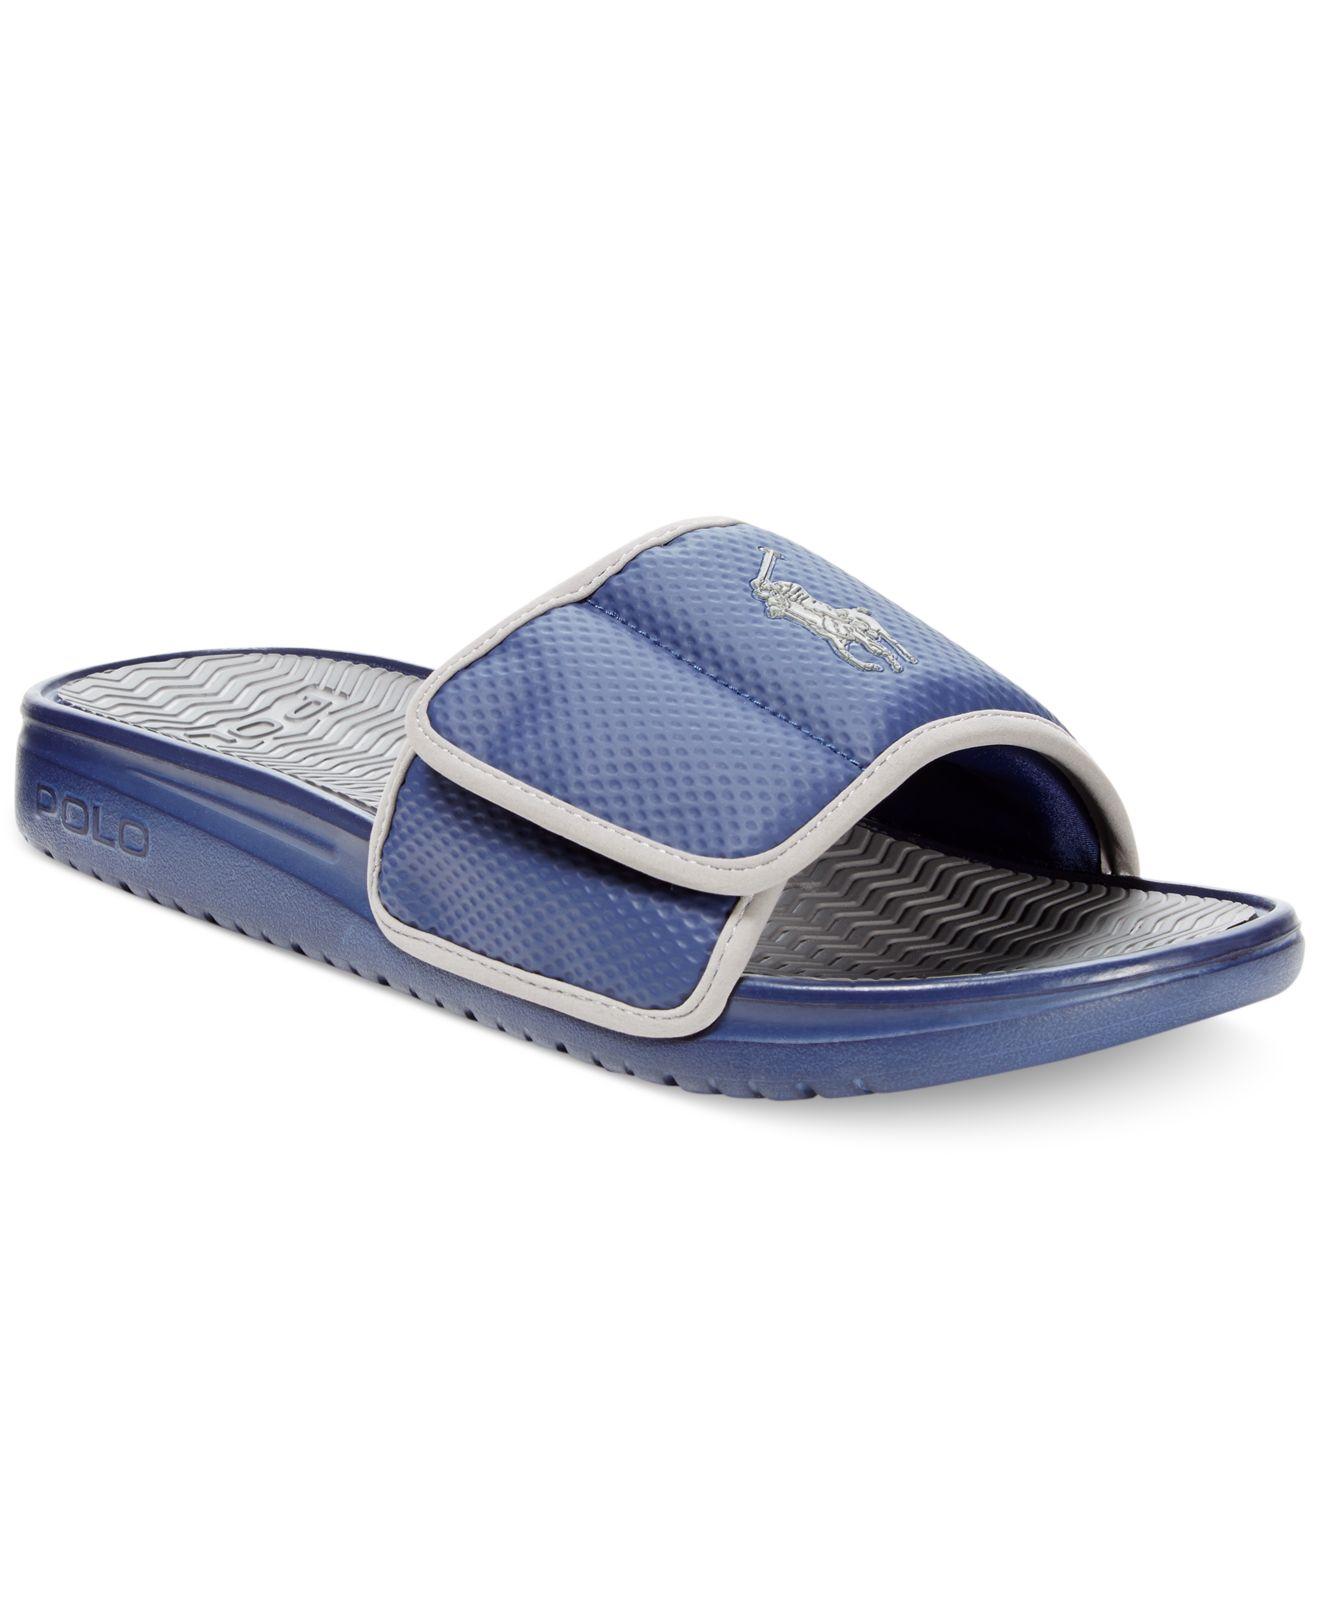 Ralph Lauren Polo Slide Sandals Prism Contractors